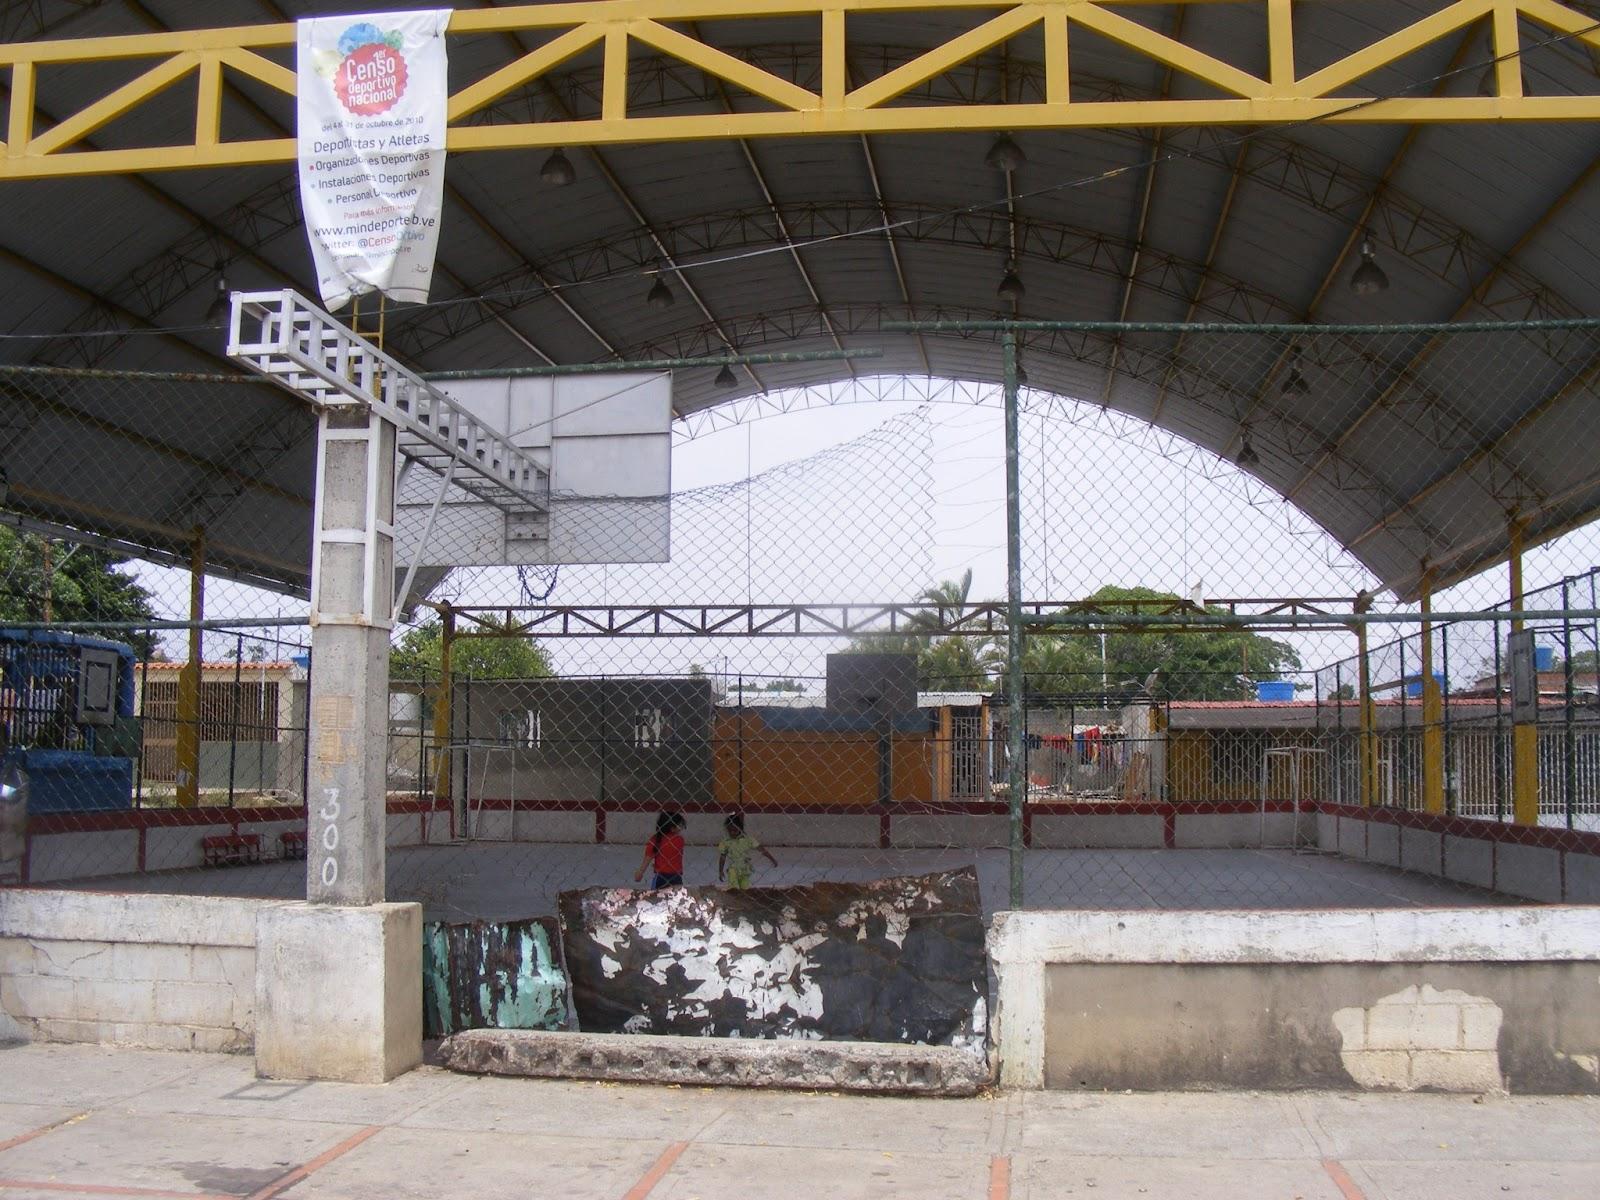 Imagenes De La Cancha De Futbol De Salon - futbol sala apertura y elaboracion contra YouTube